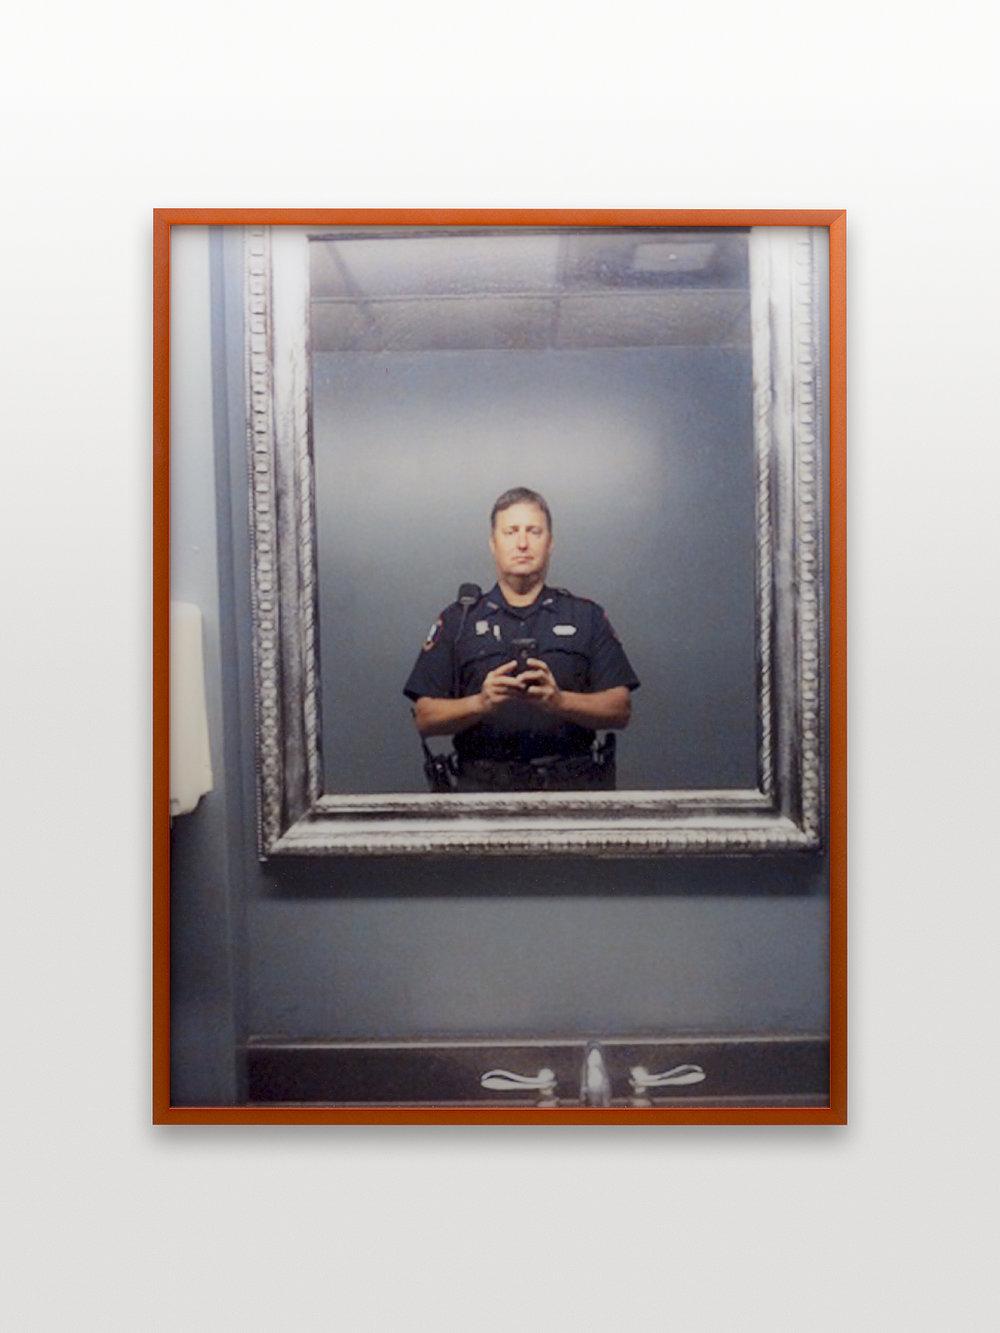 1. xtxp8.jpg (cop selfie)